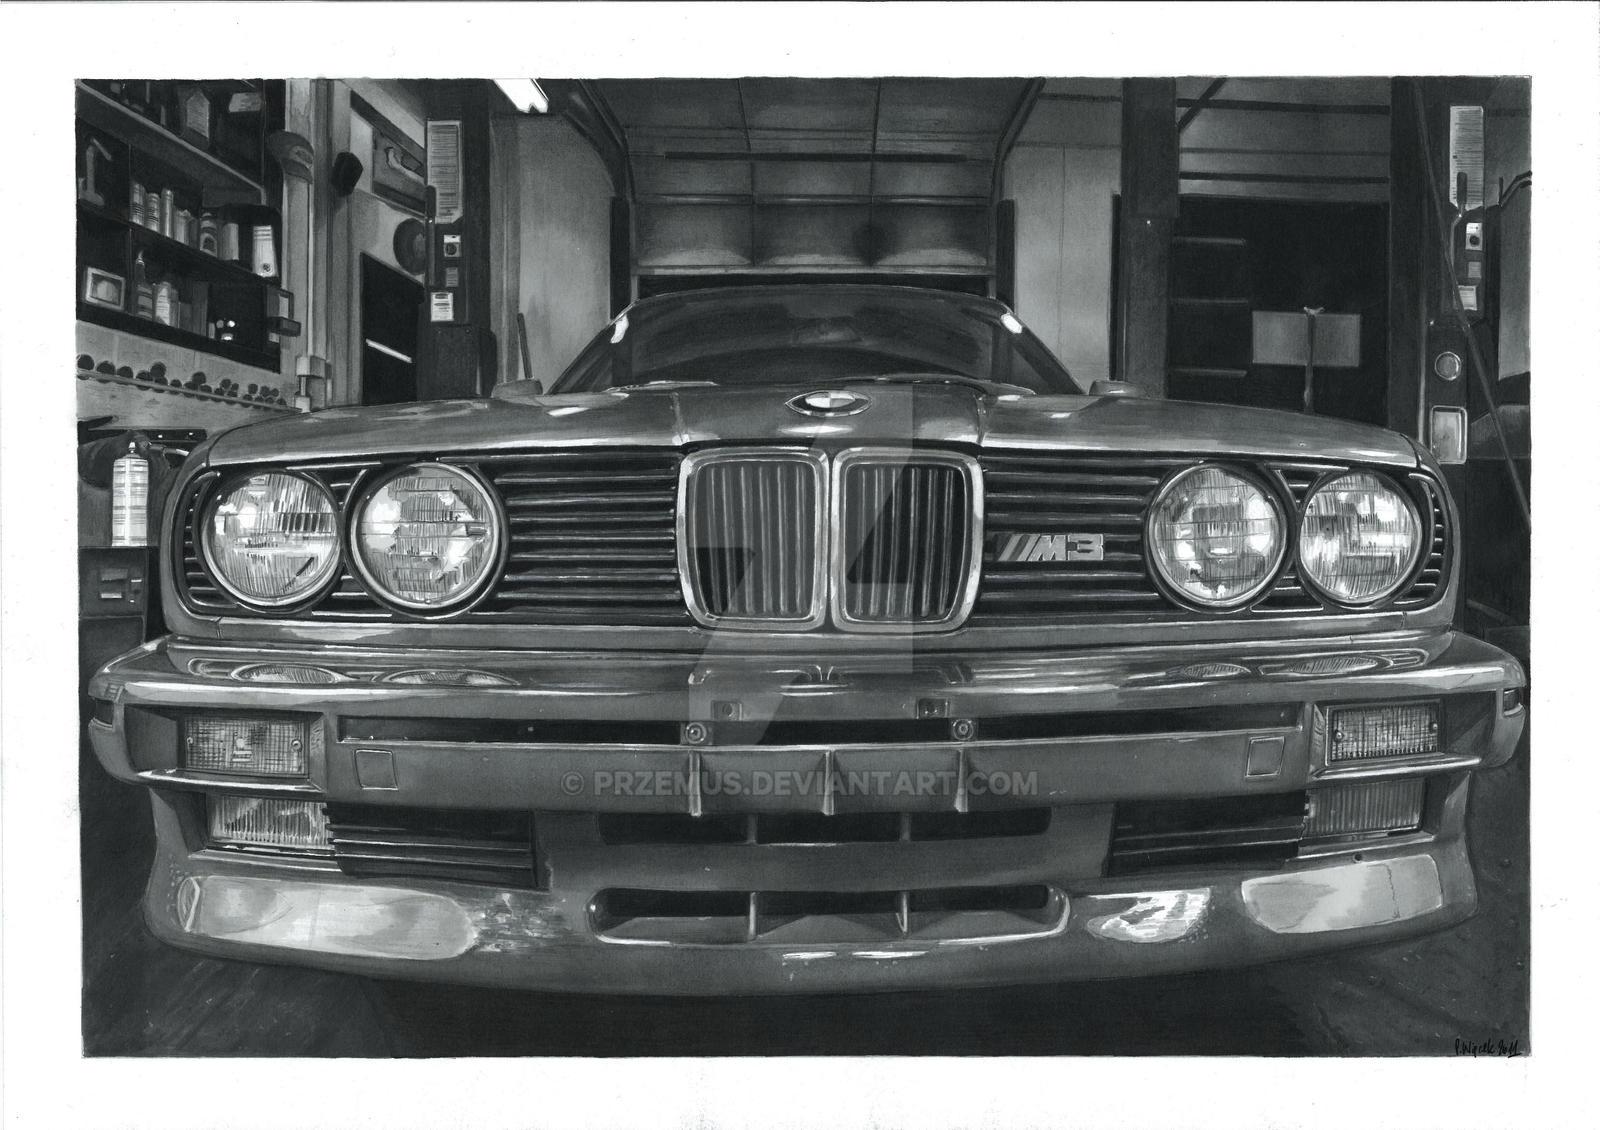 BMW M3 E30 by przemus